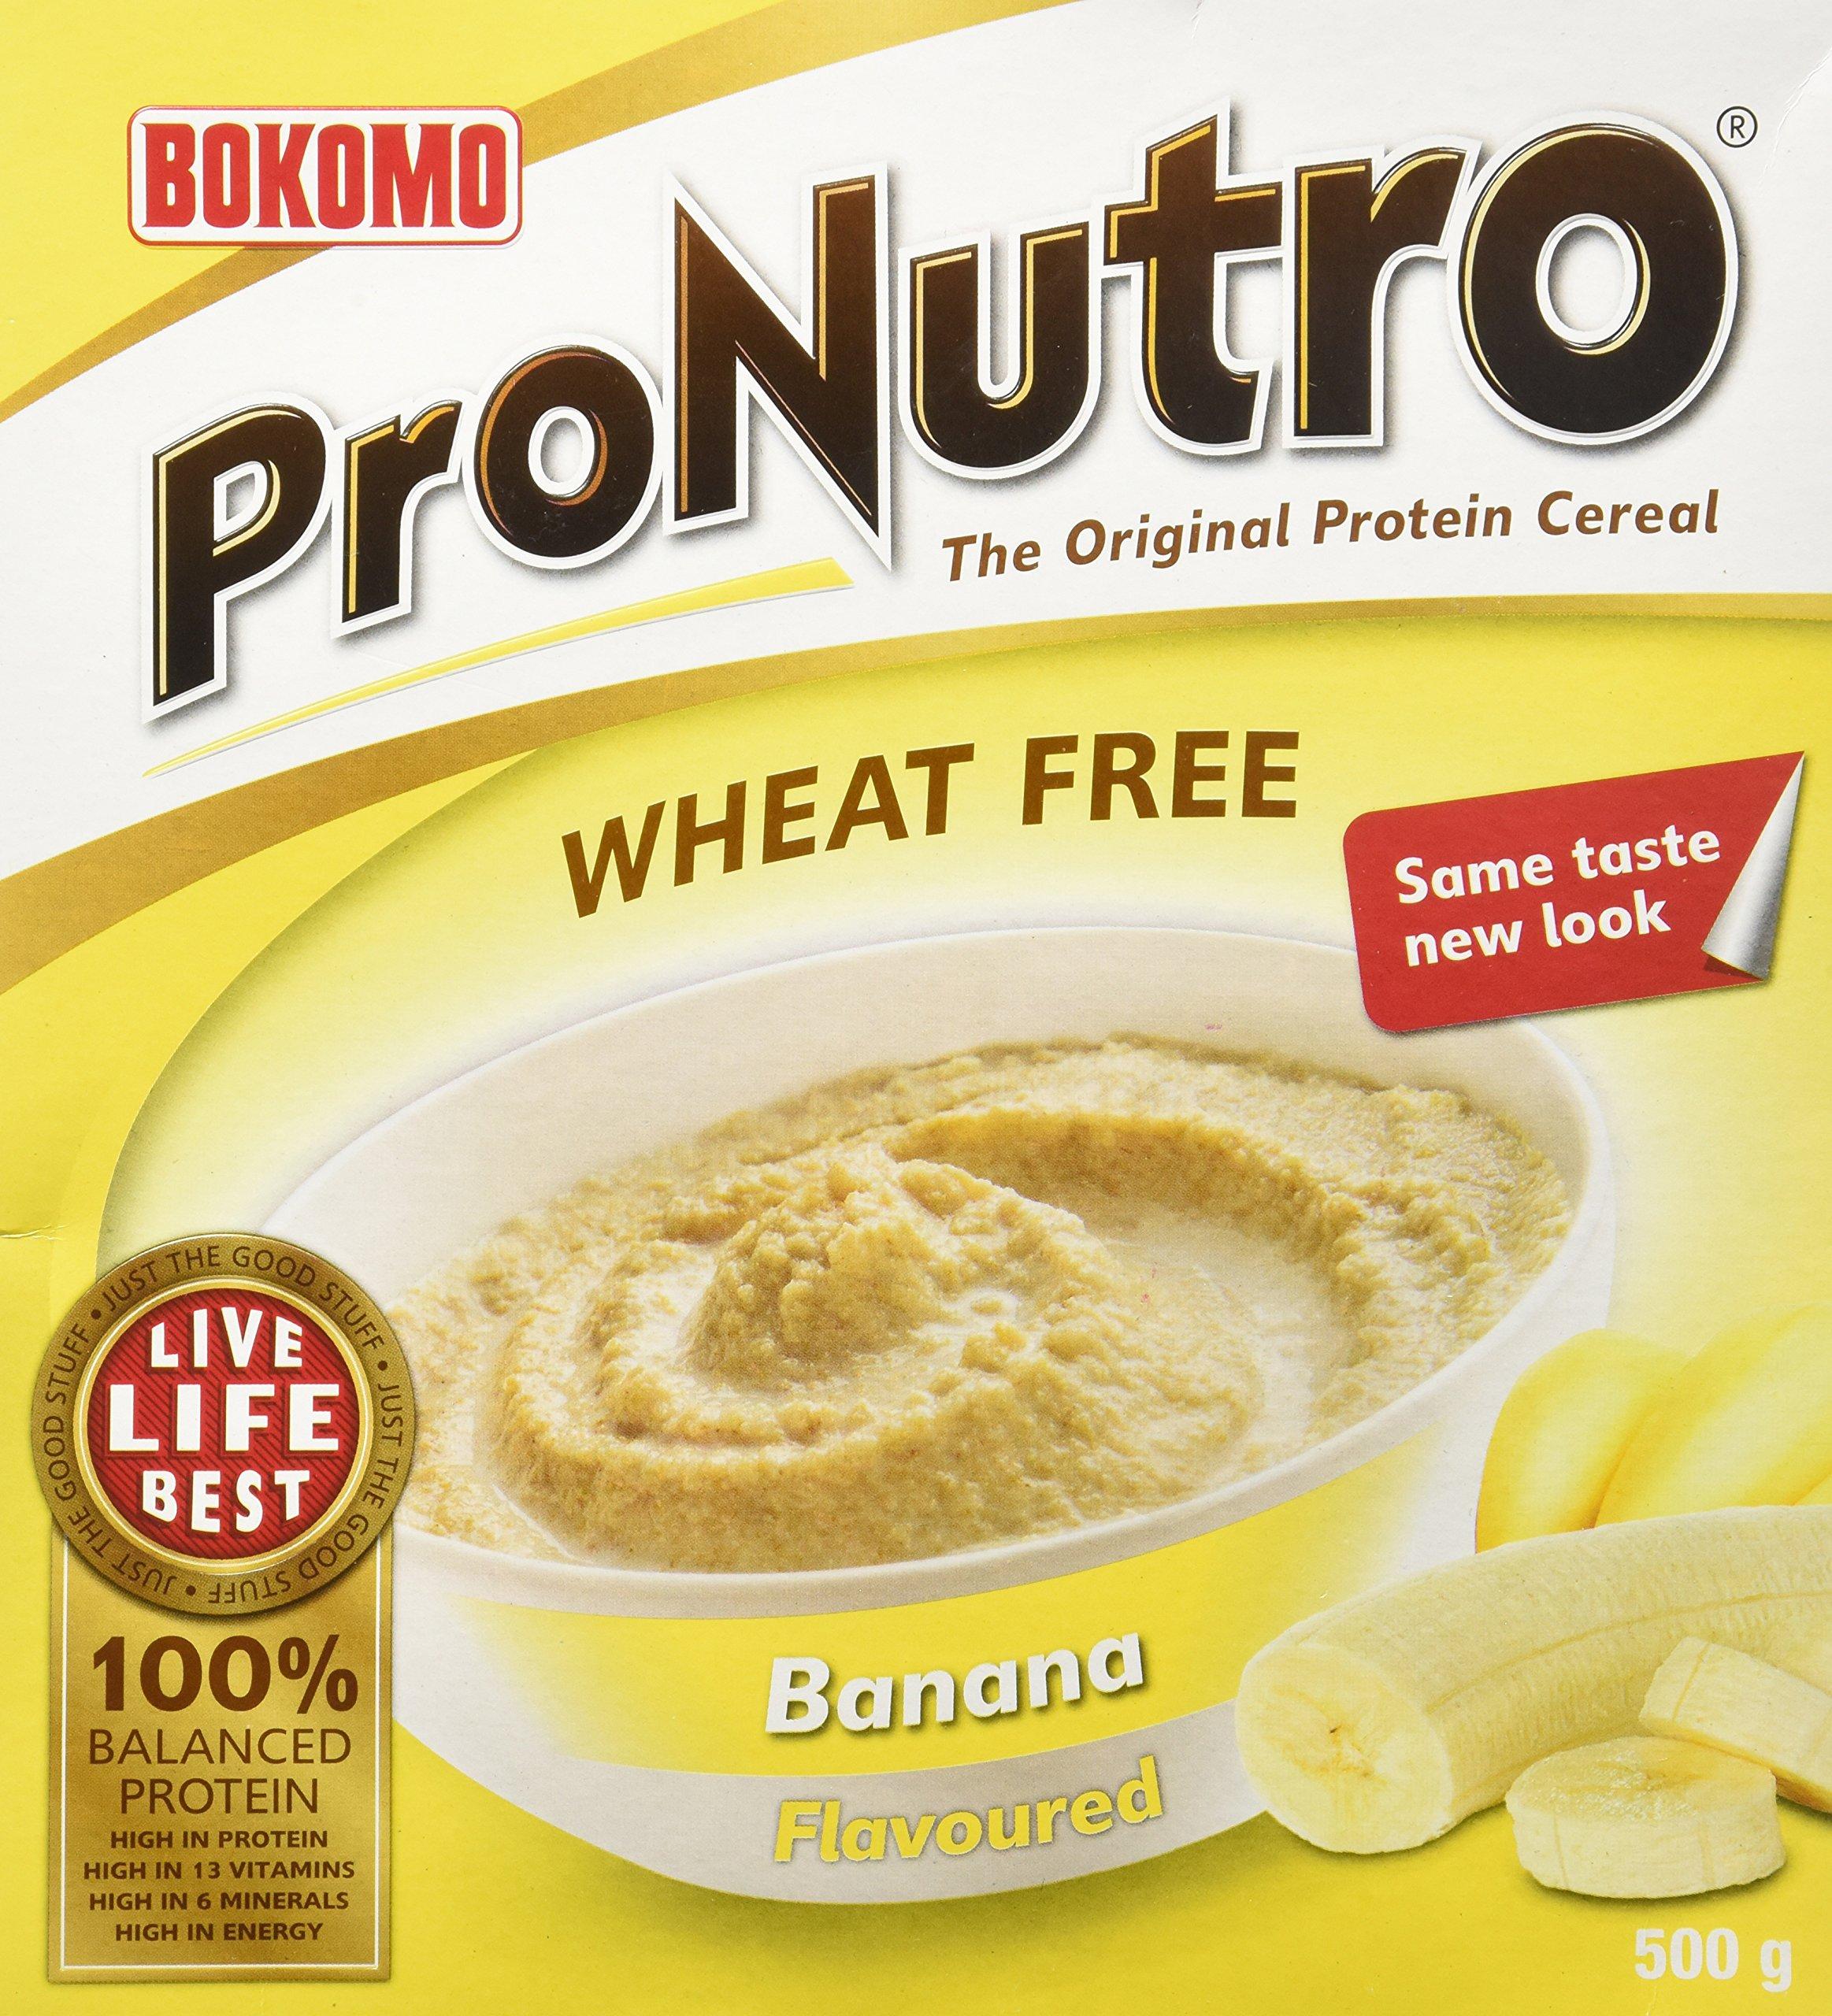 Pronutro Banana - 500g